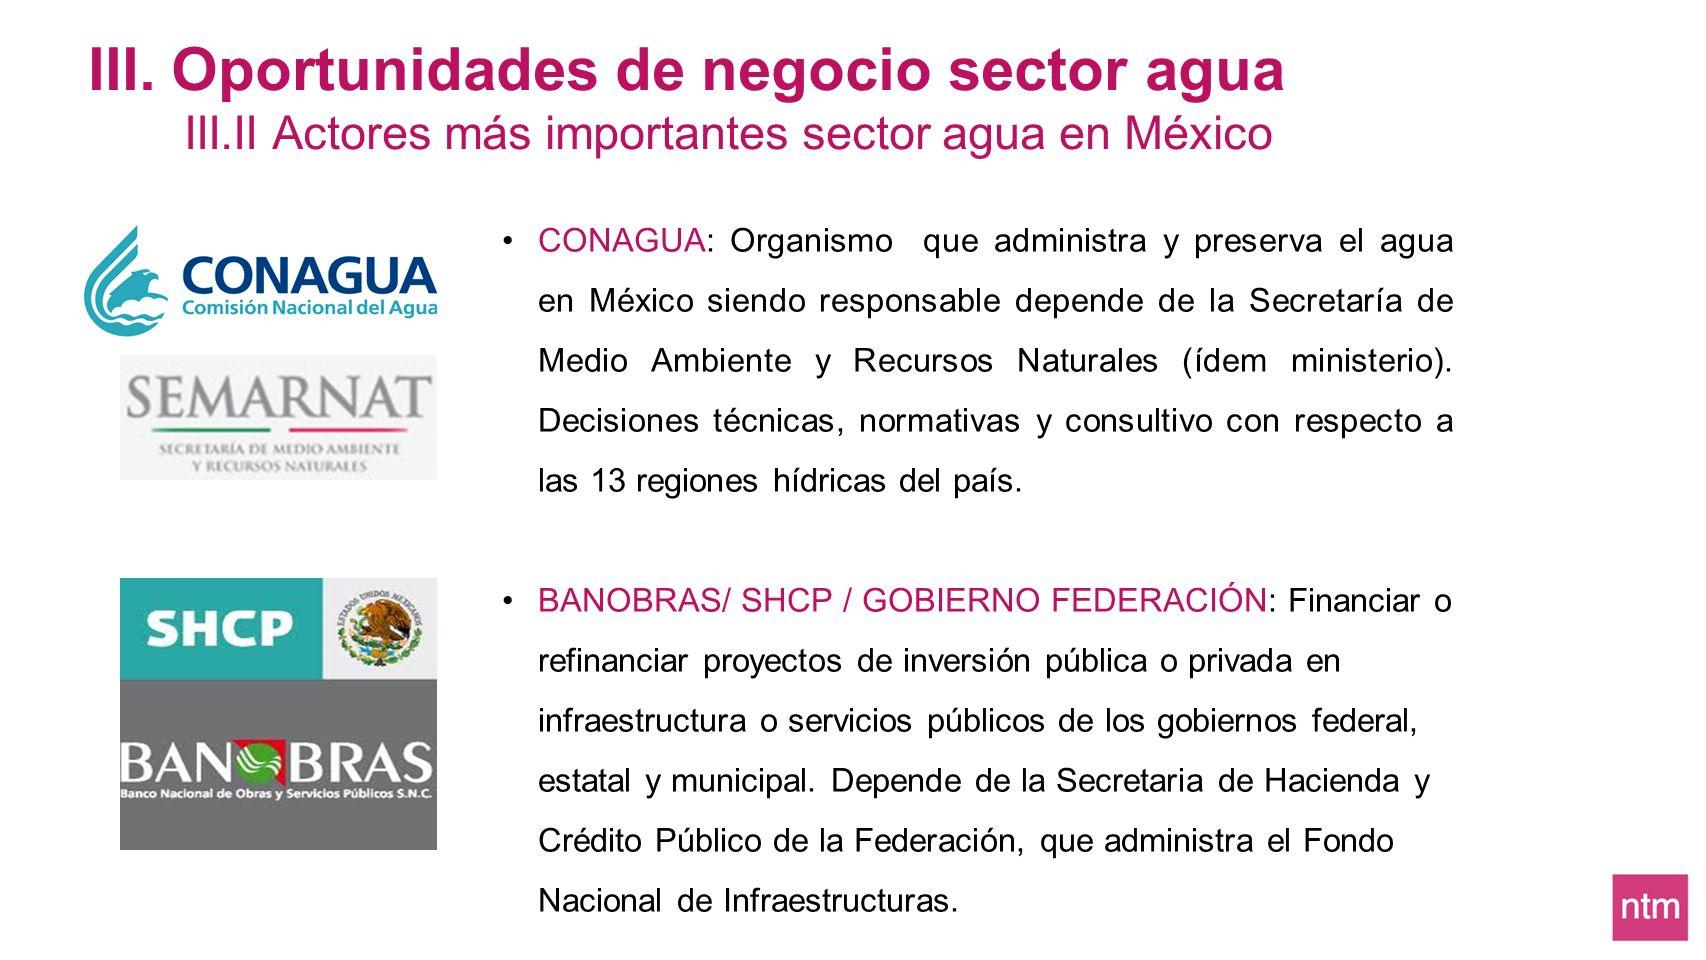 CONAGUA: Organismo que administra y preserva el agua en México siendo responsable depende de la Secretaría de Medio Ambiente y Recursos Naturales (íde